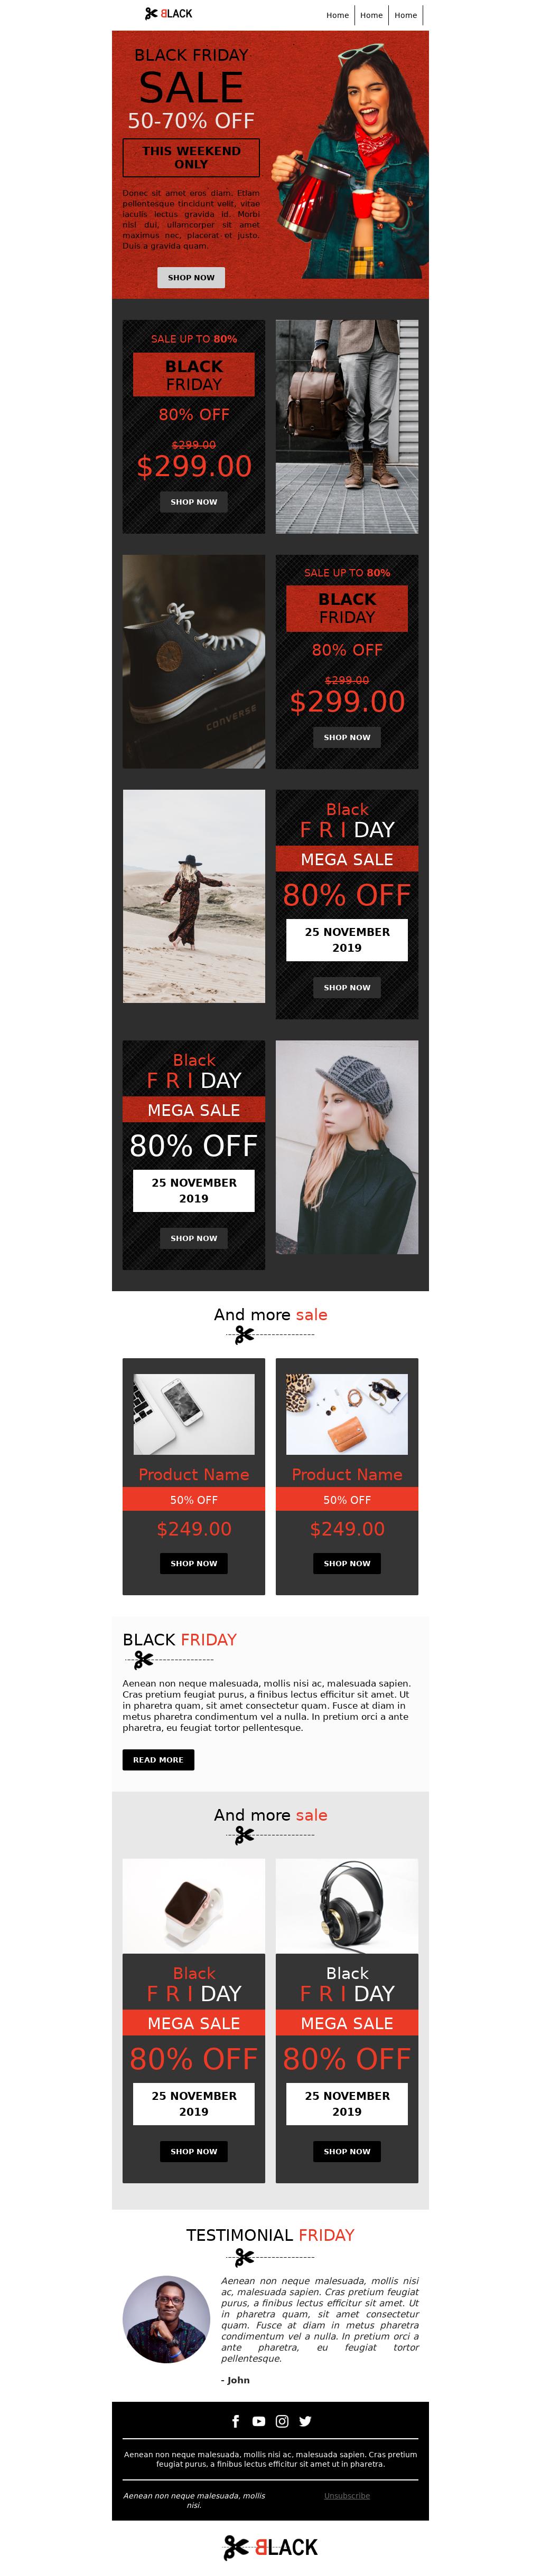 Black Friday Webshop Sale Promo